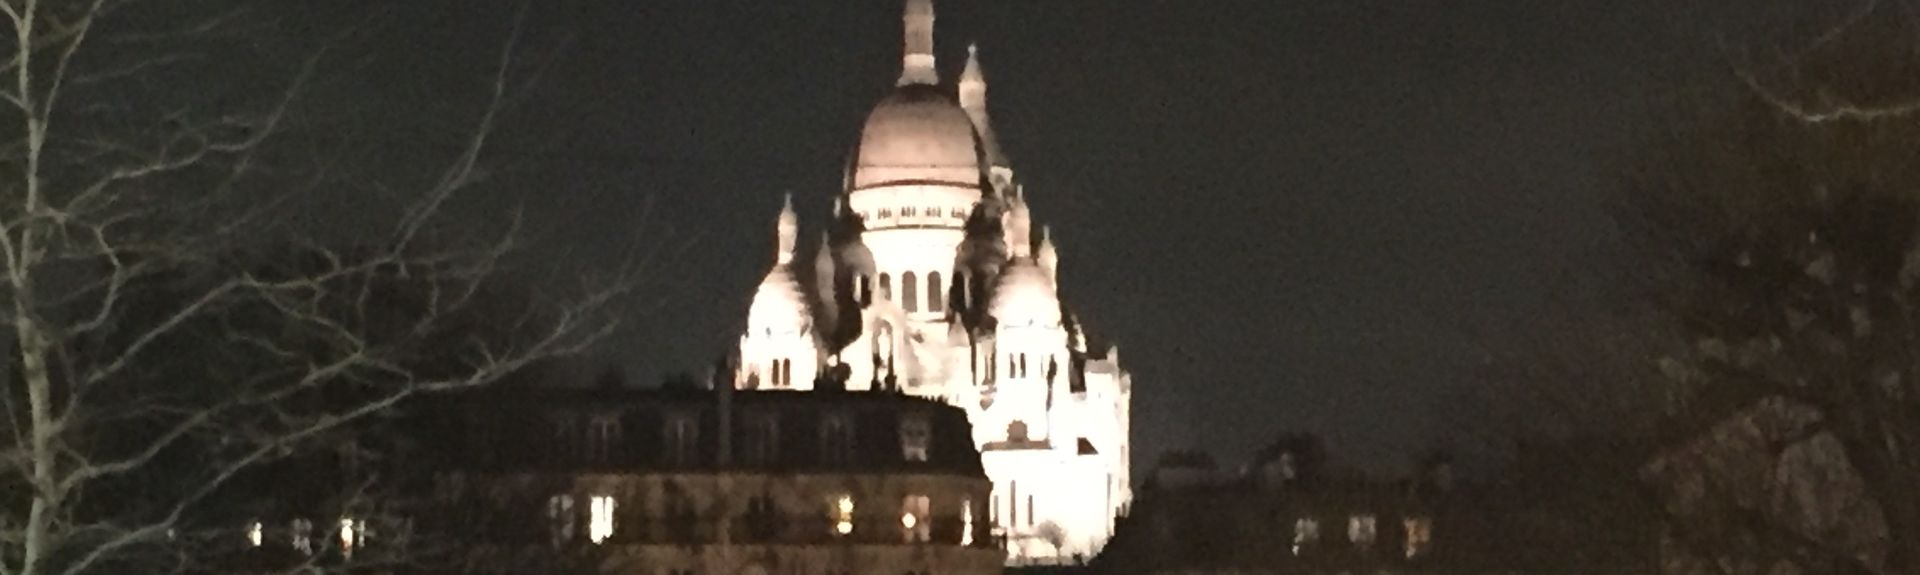 Faubourg-Montmartre, Paris, France